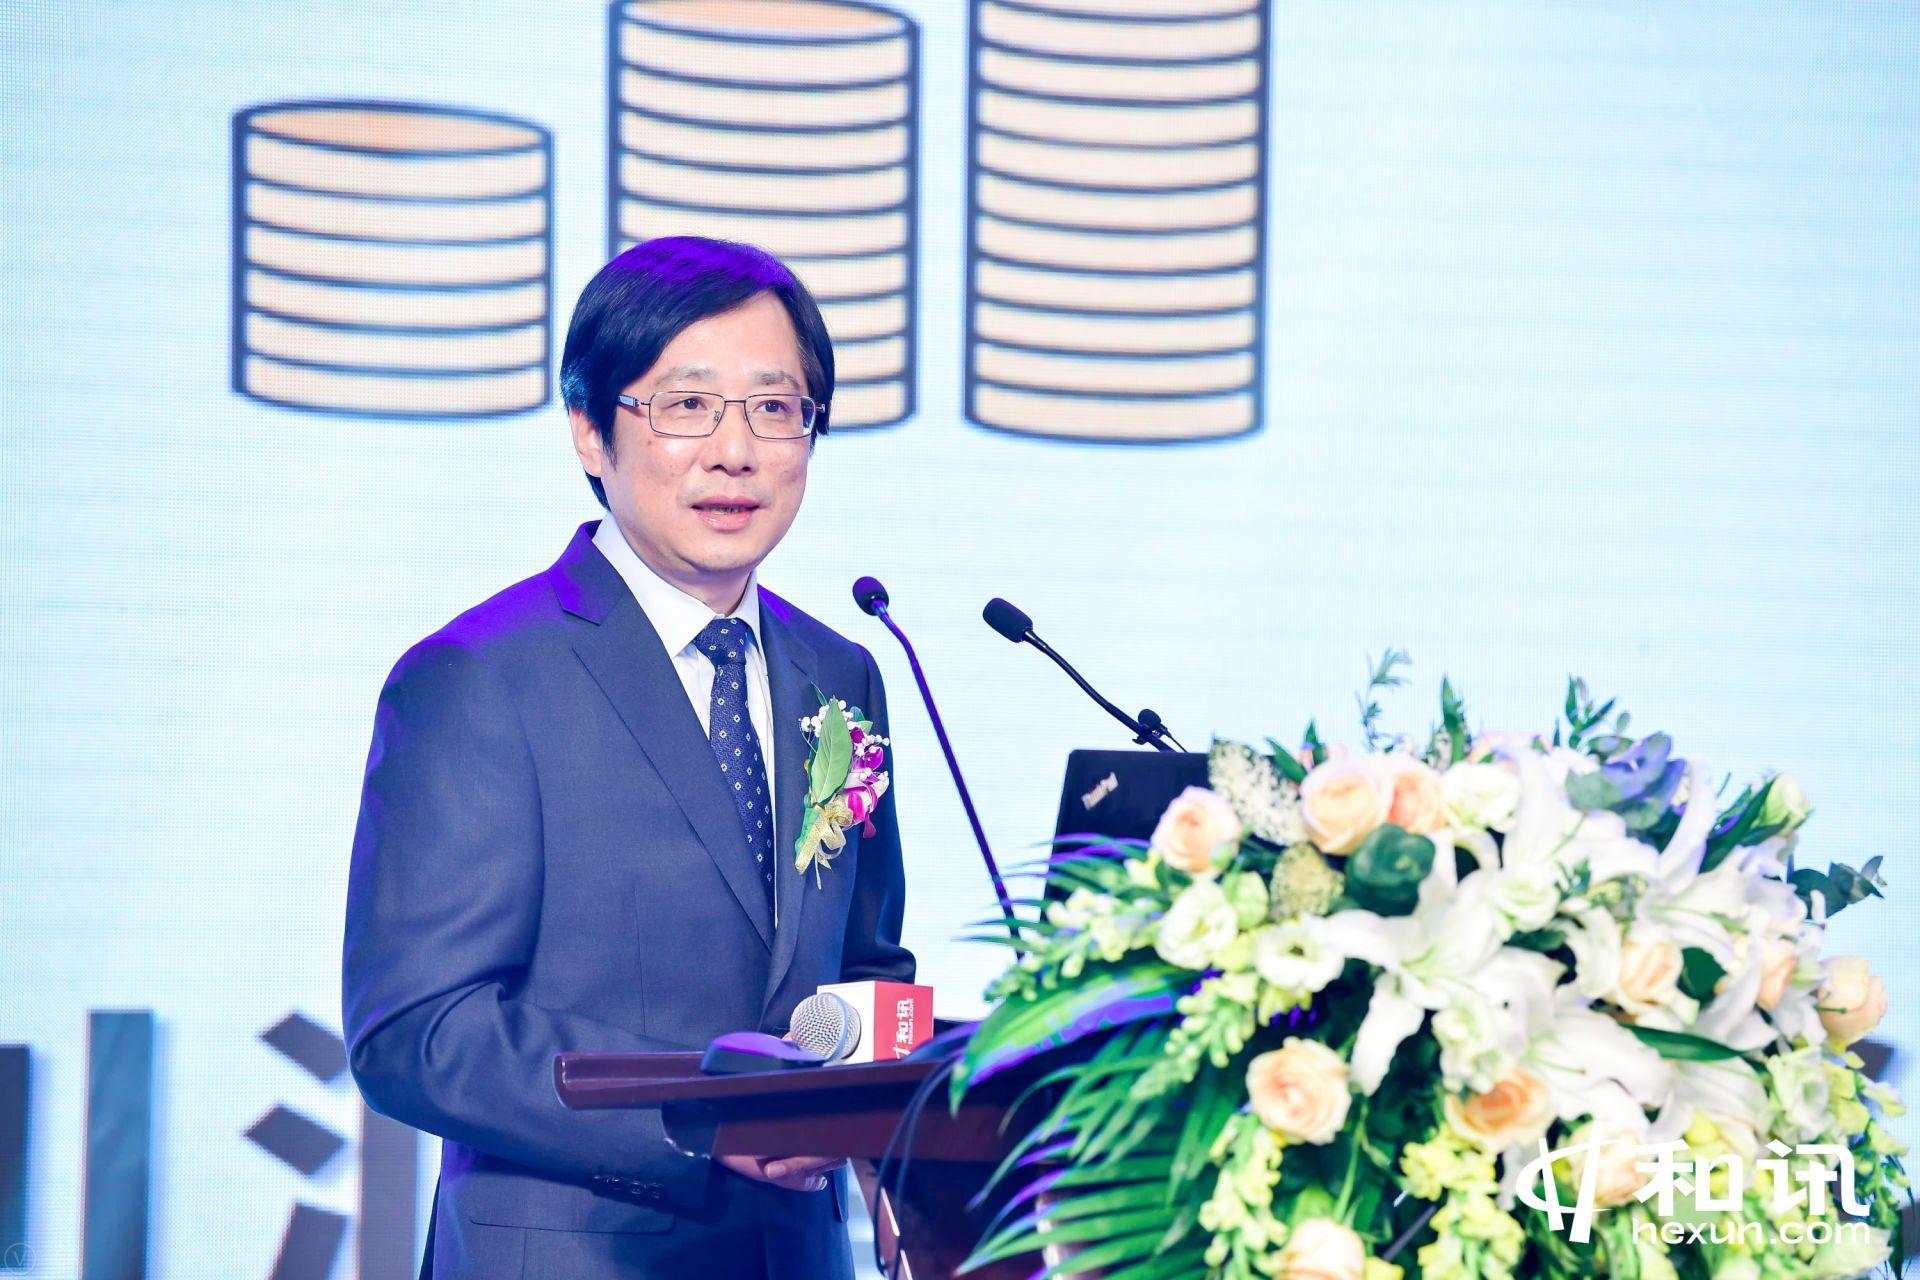 浙商银行副行长、董事会秘书刘龙